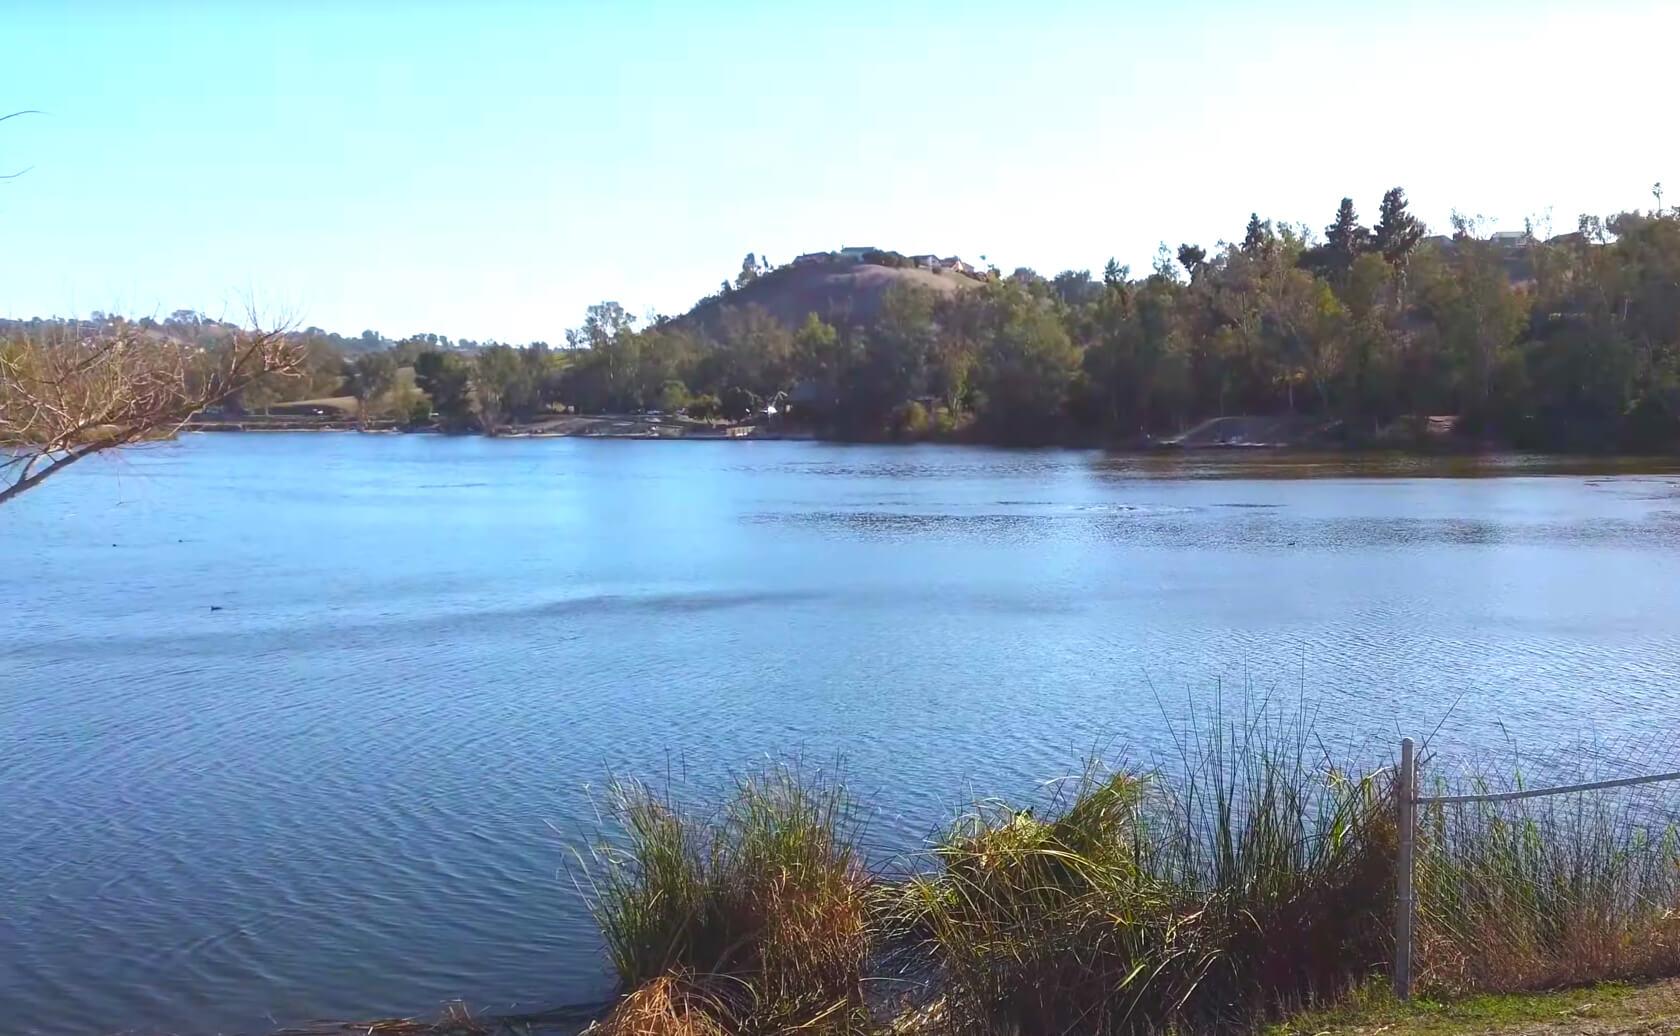 Laguna-Niguel-Lake-Fishing-Guide-Report-CA-05